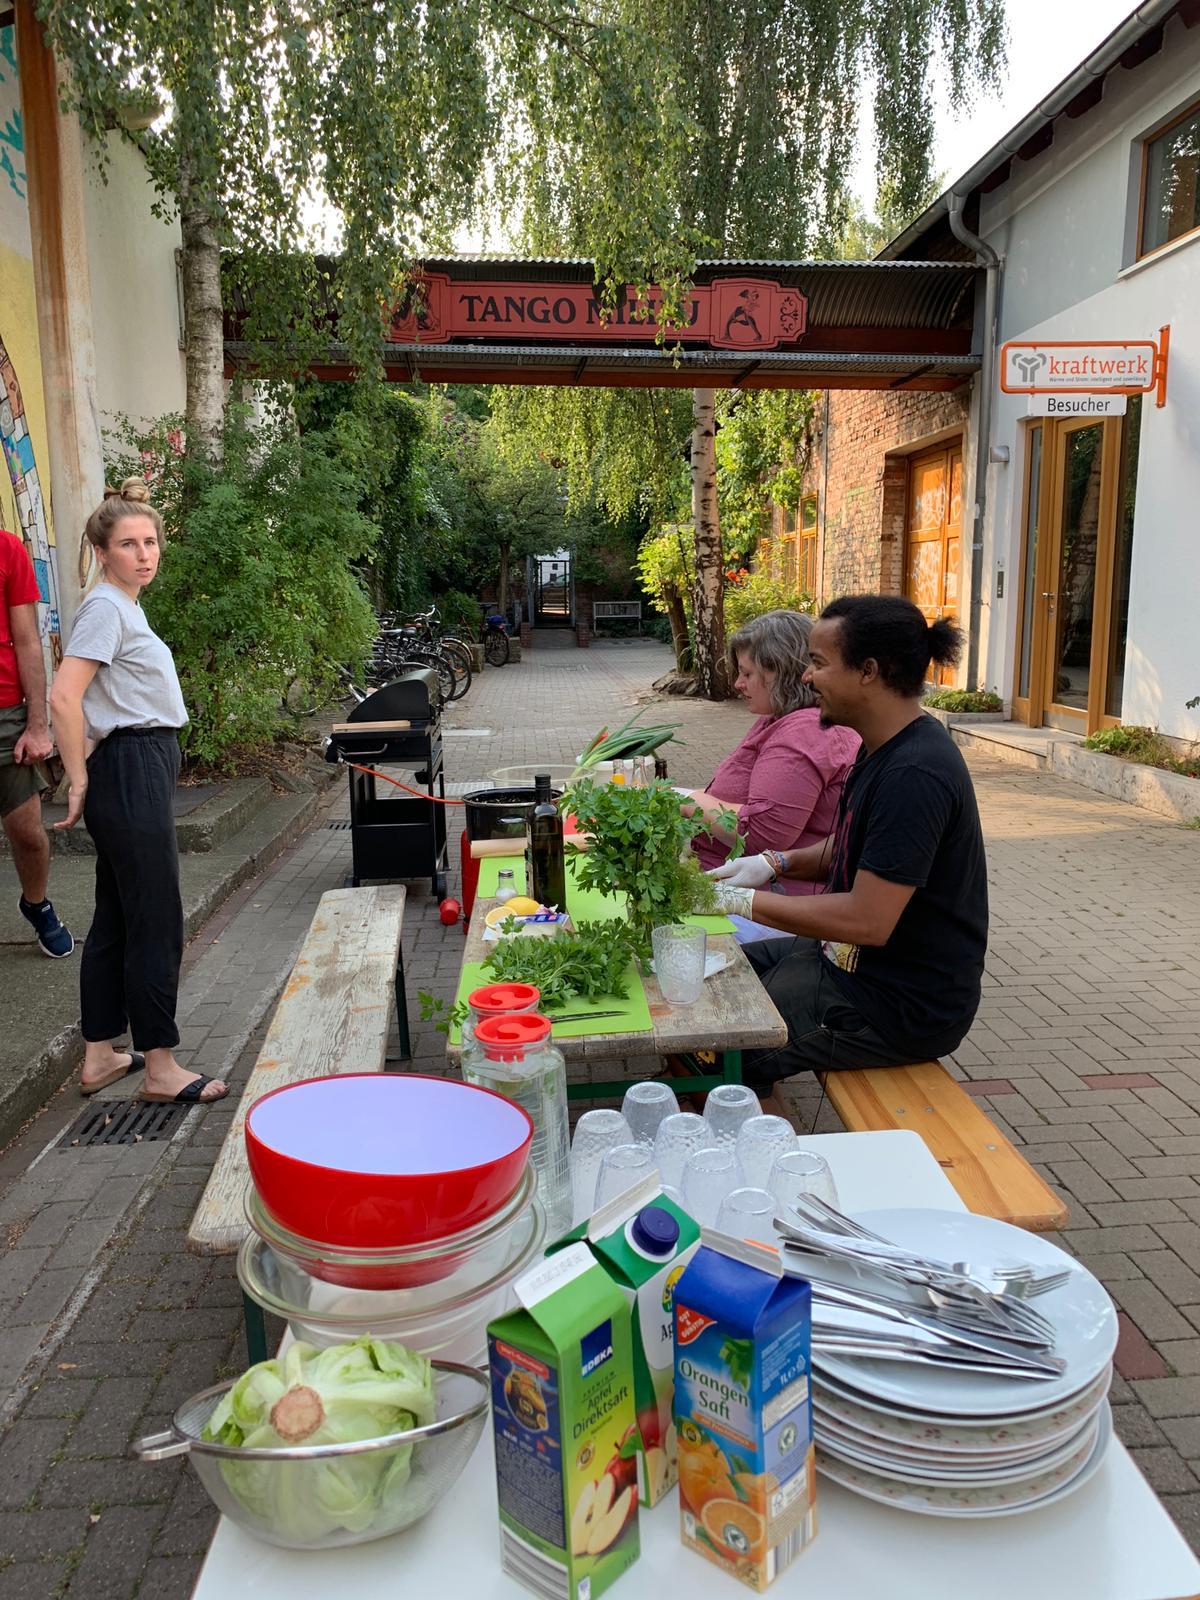 Auf einem Tisch wird draußen Essen zubereitet.